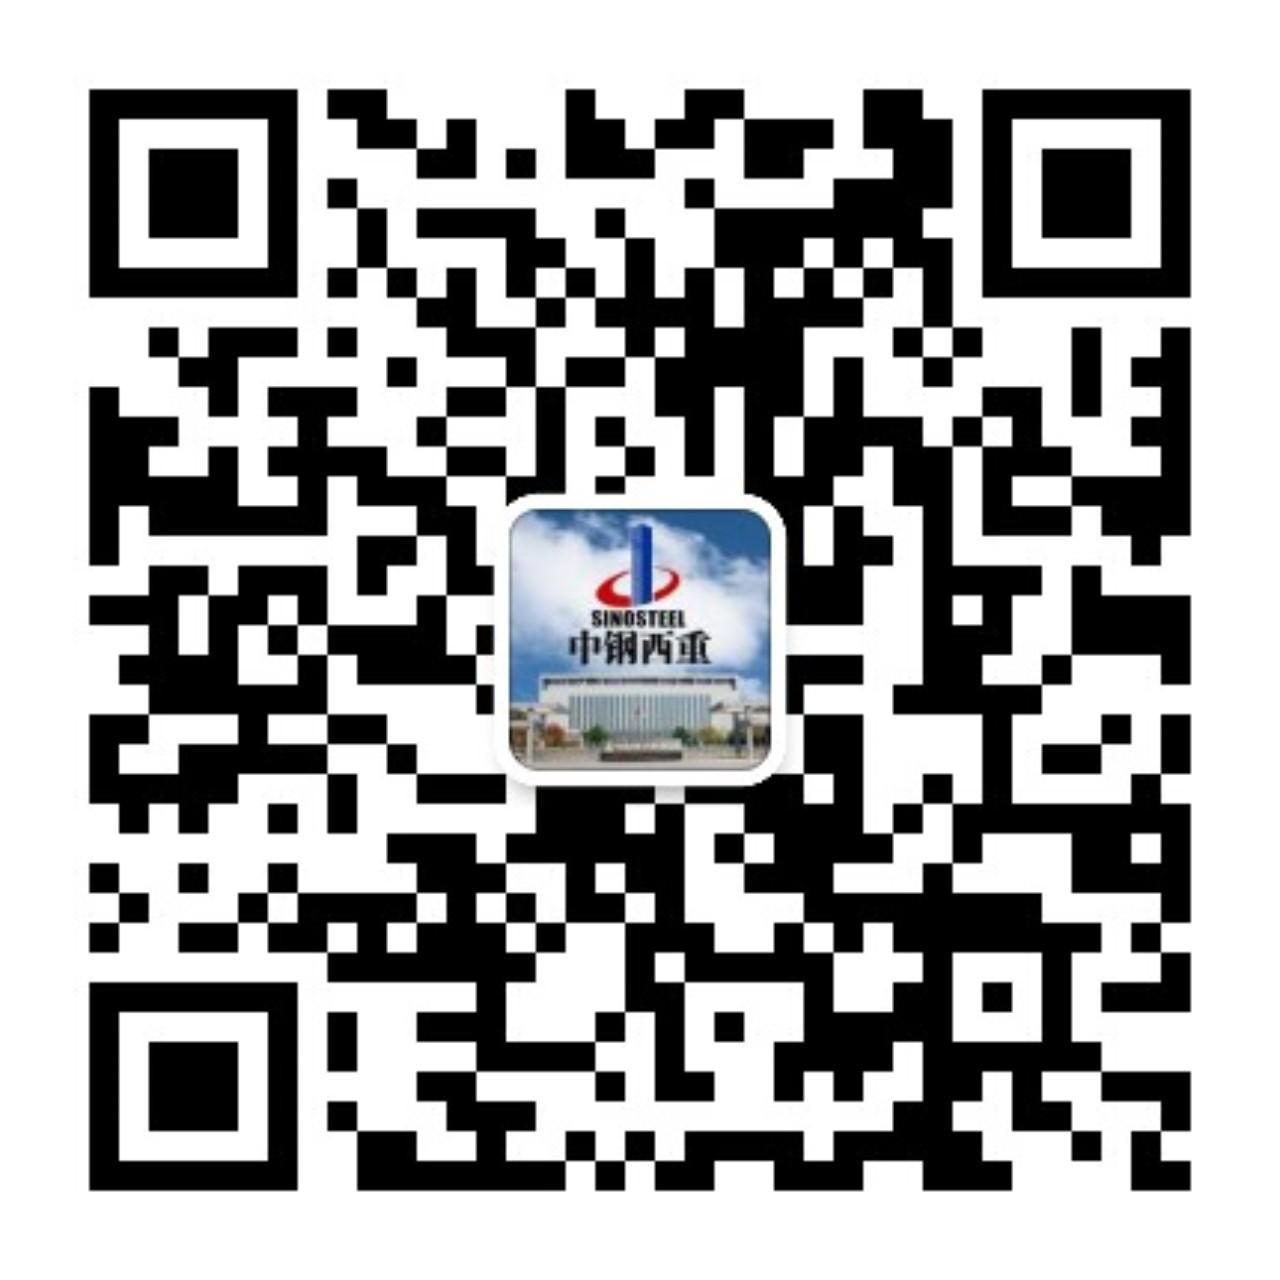 中鋼集團西安重機有限公司